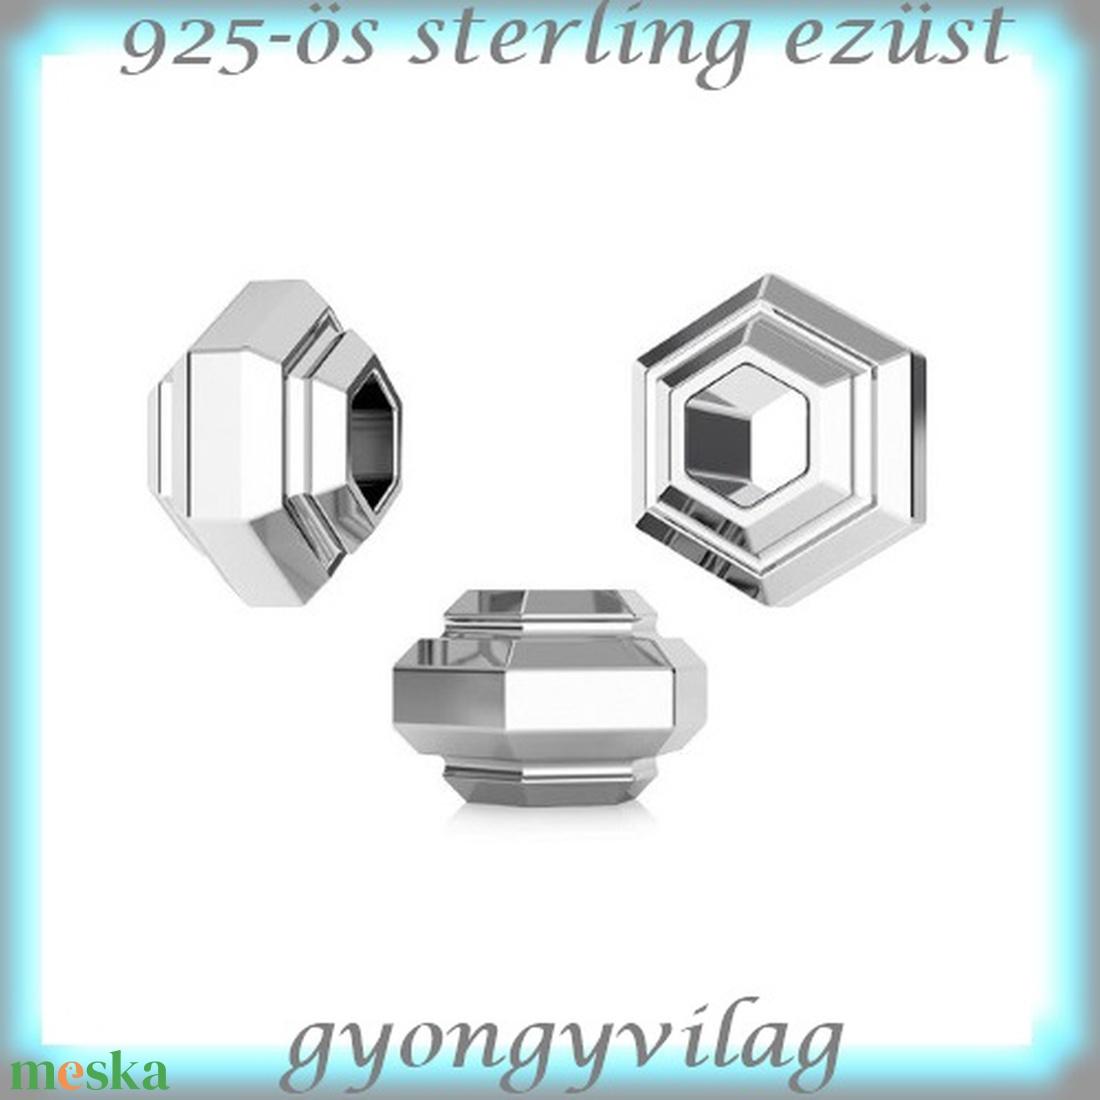 925-ös ezüst köztes / gyöngy / dísz EKÖ 84 - gyöngy, ékszerkellék - fém köztesek - Meska.hu